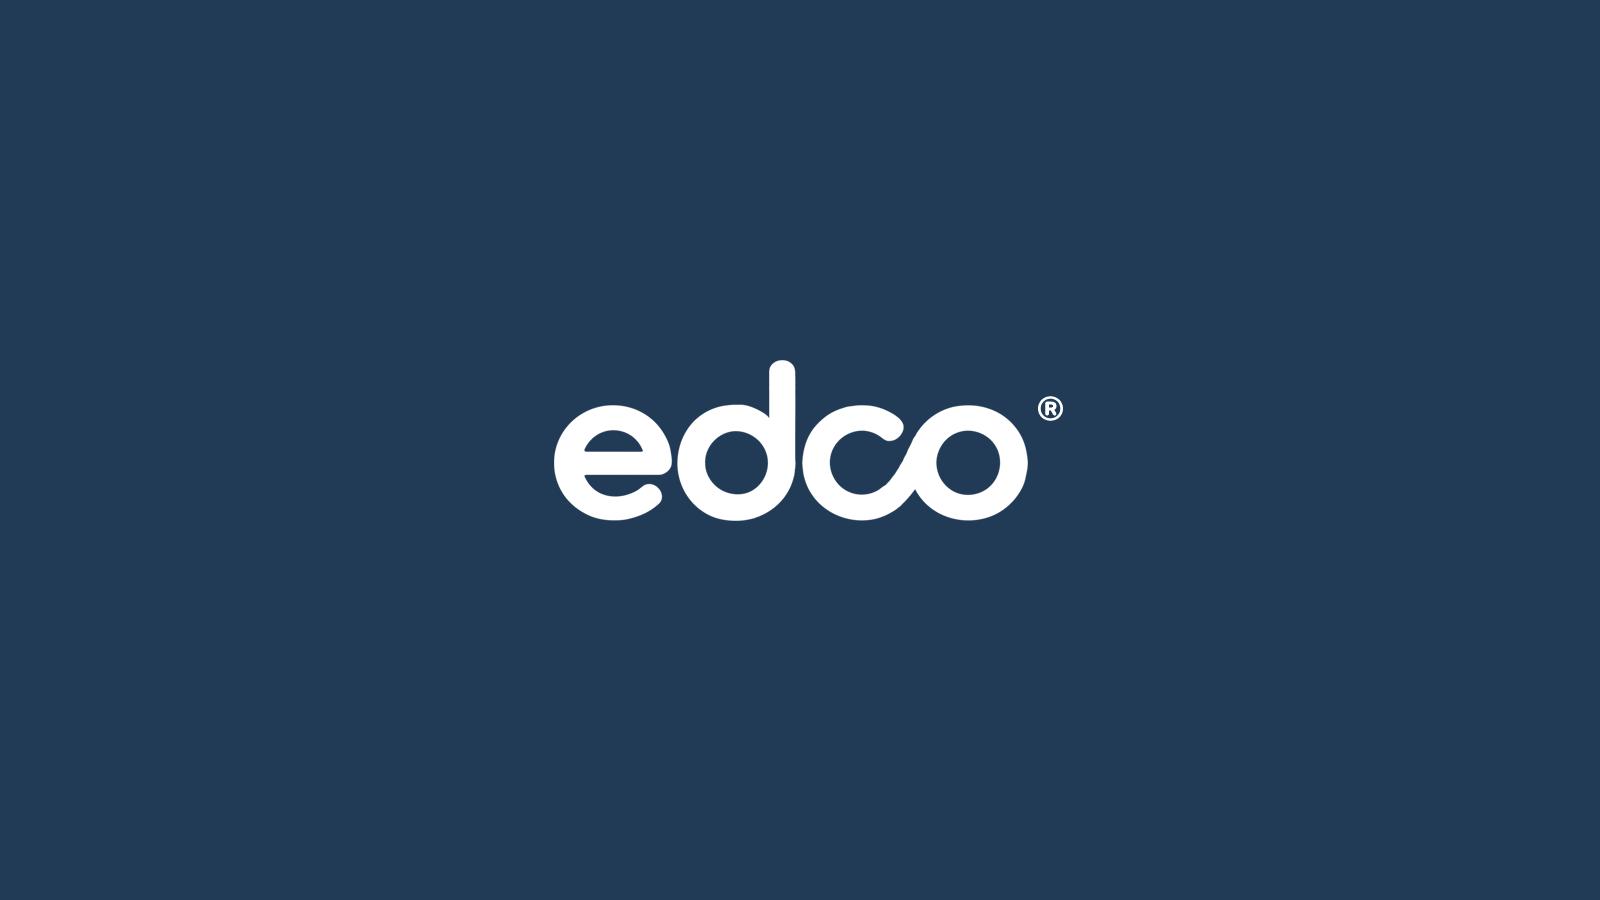 Edco Logo In Progress